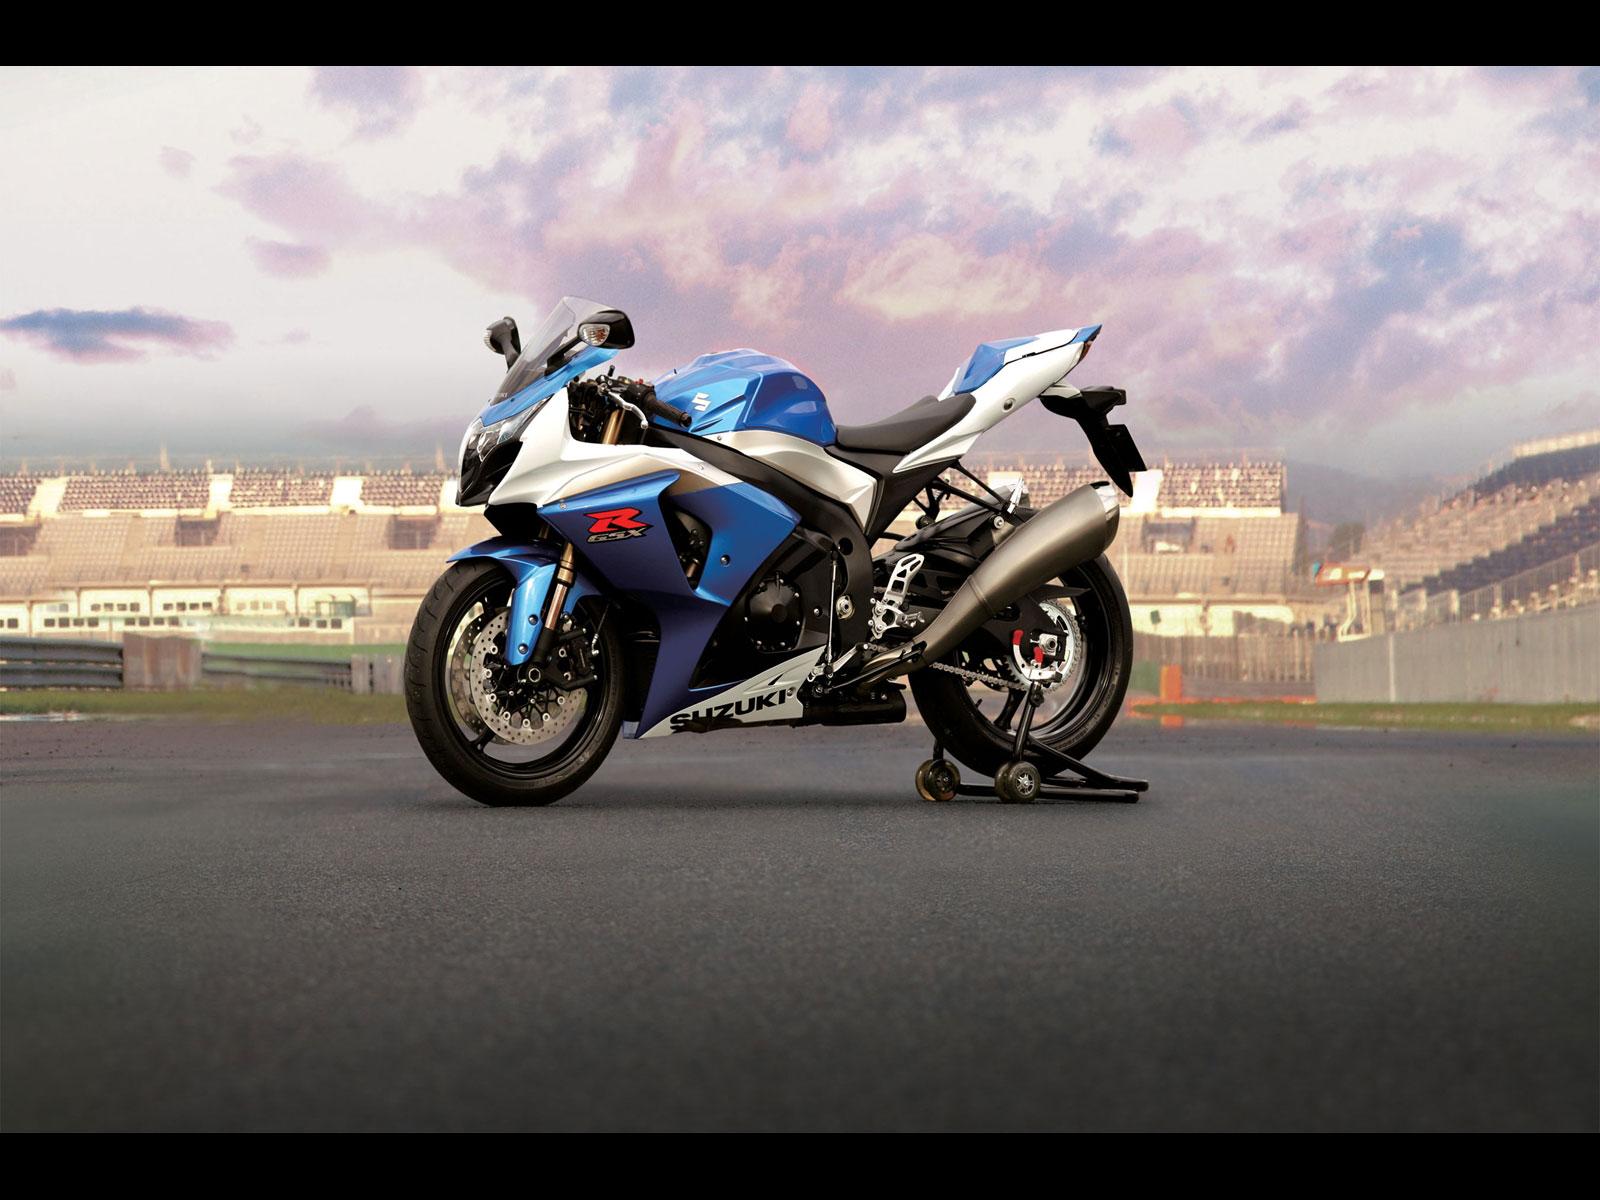 Suzuki GSX R1000 - 1600x1200